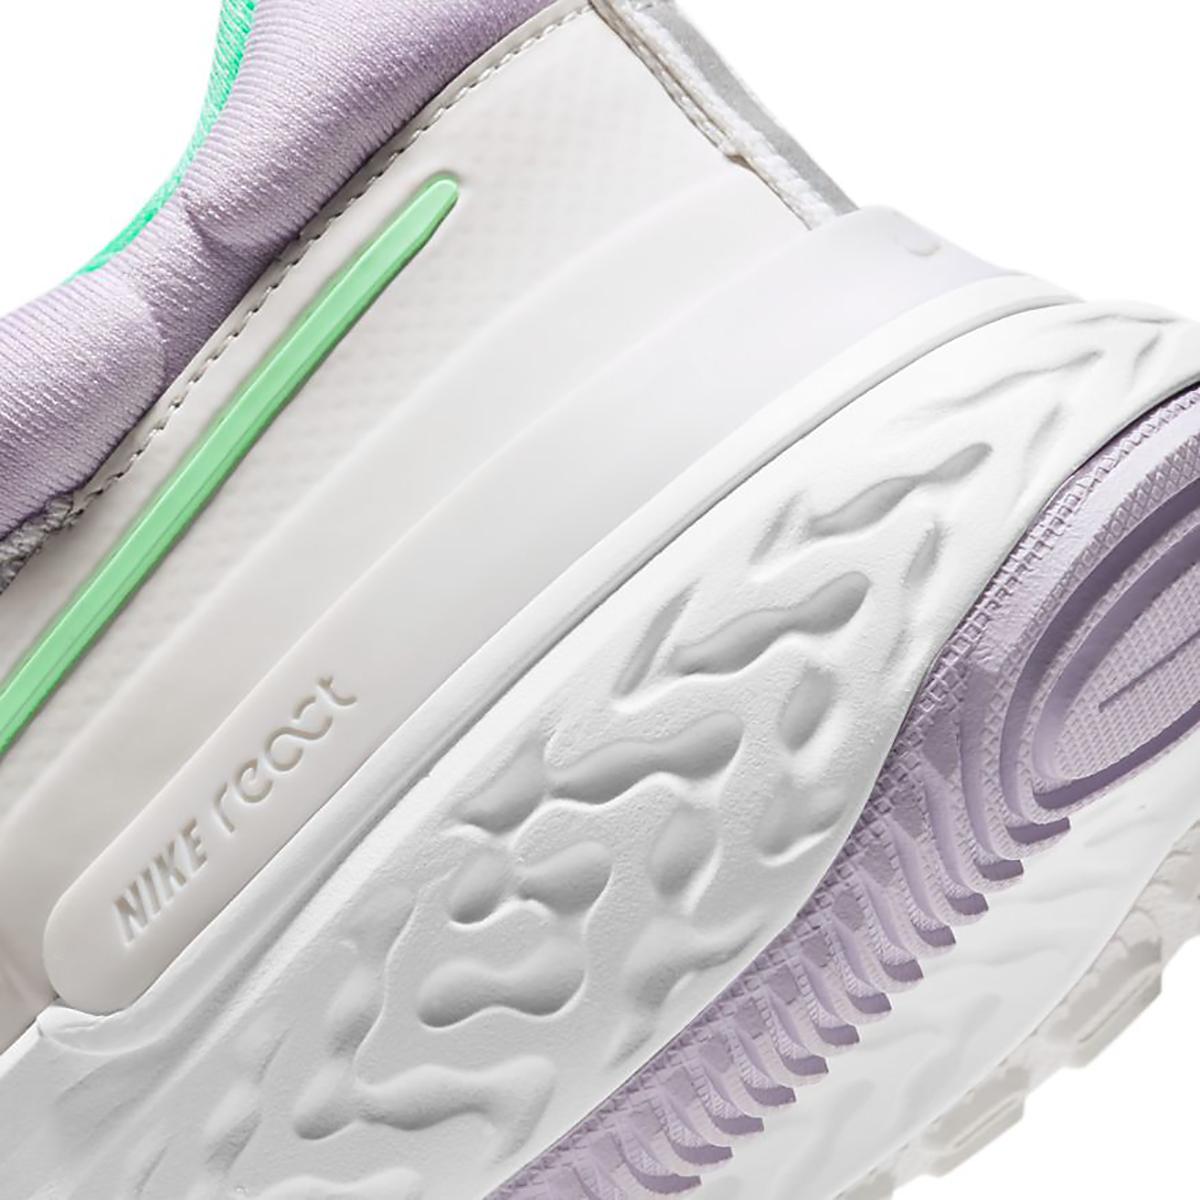 Women's Nike React Miler 2 Running Shoe - Color: Platinum Tint/Green Glow-White - Size: 5 - Width: Regular, Platinum Tint/Green Glow-White, large, image 5